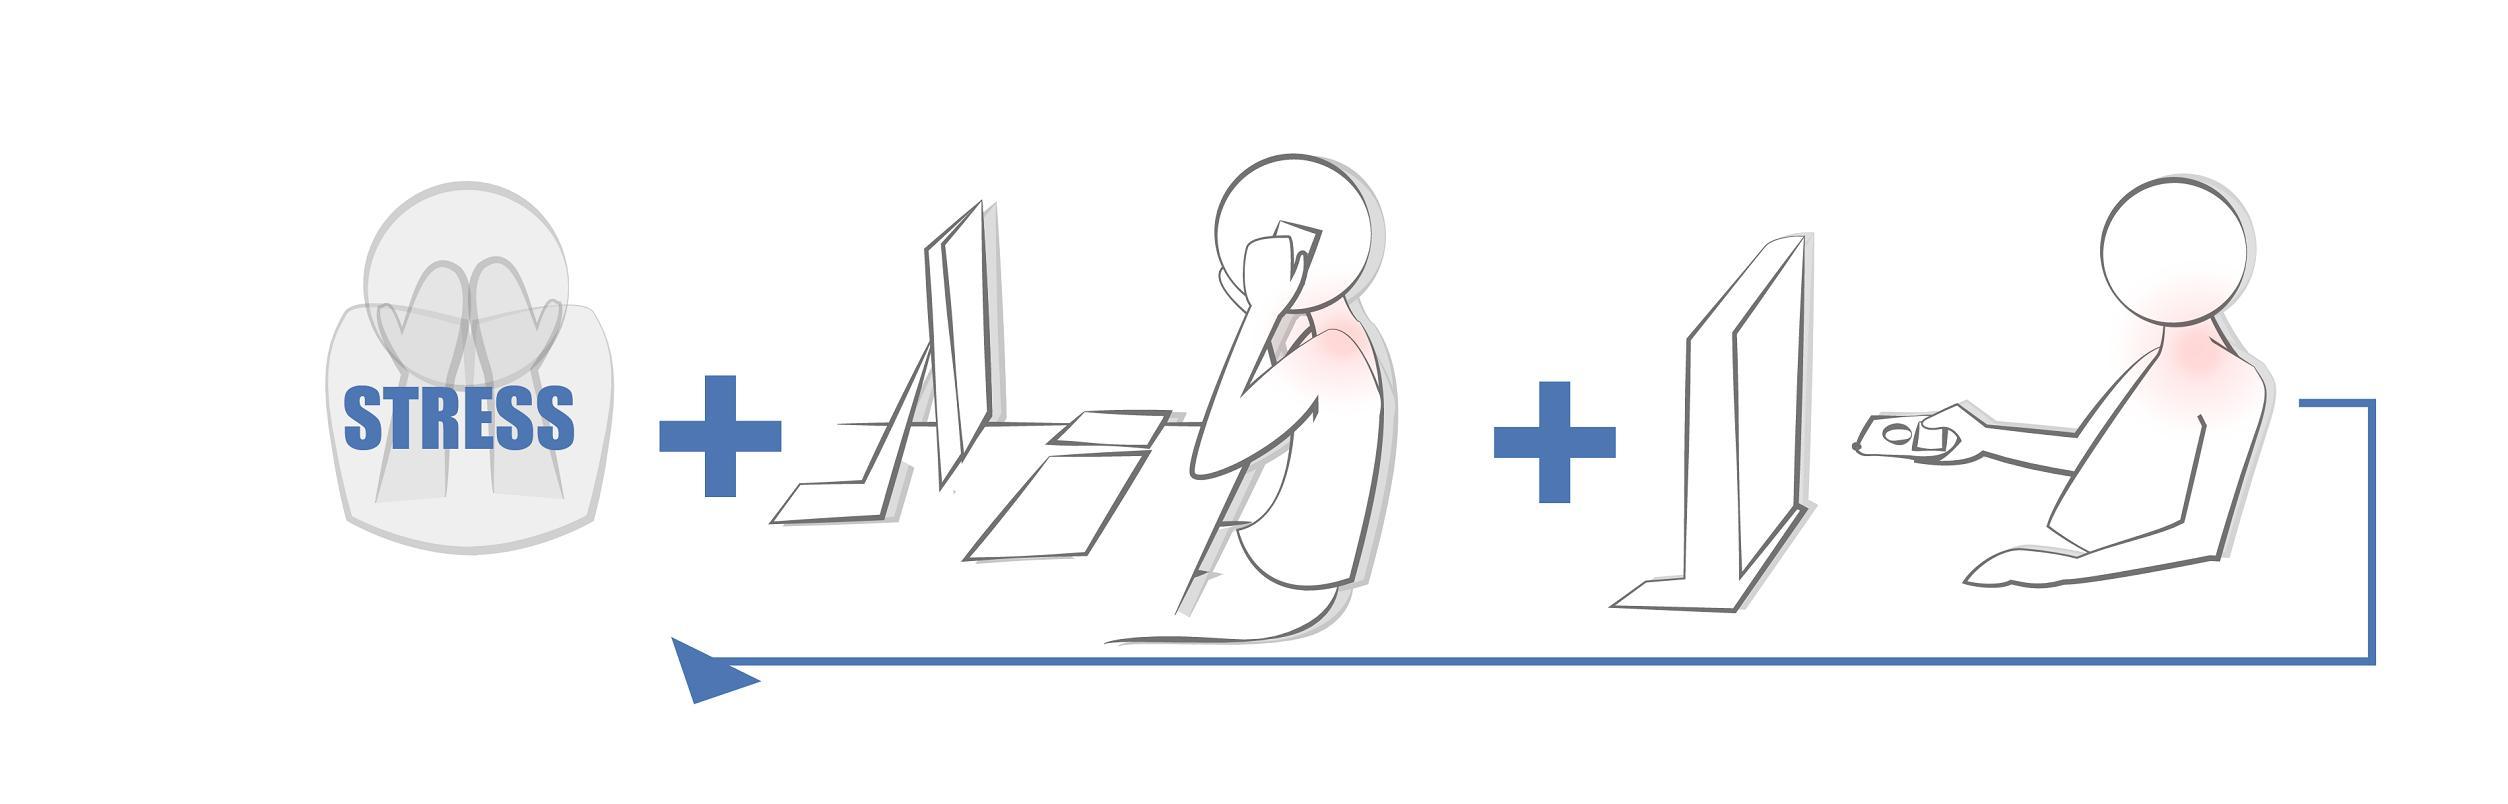 Stressphase 1 - Illustration Entstehung sensomotorische Amnesie mit Folge Depression